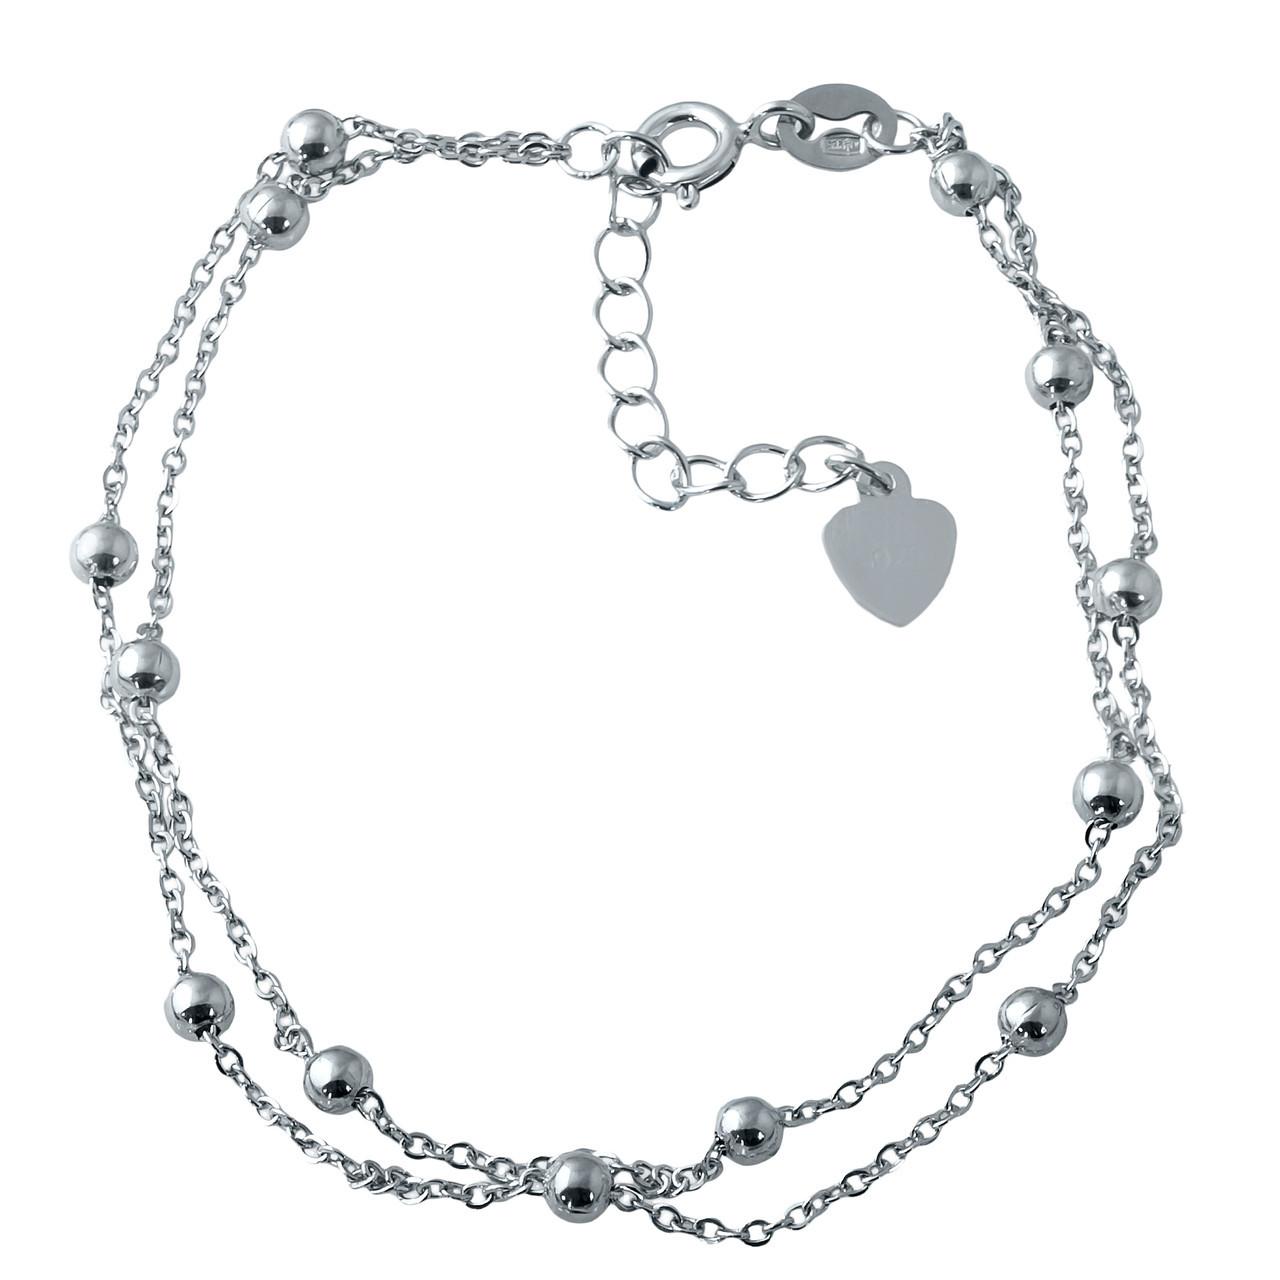 Родированный серебряный браслет на ногу 925 пробы без камней